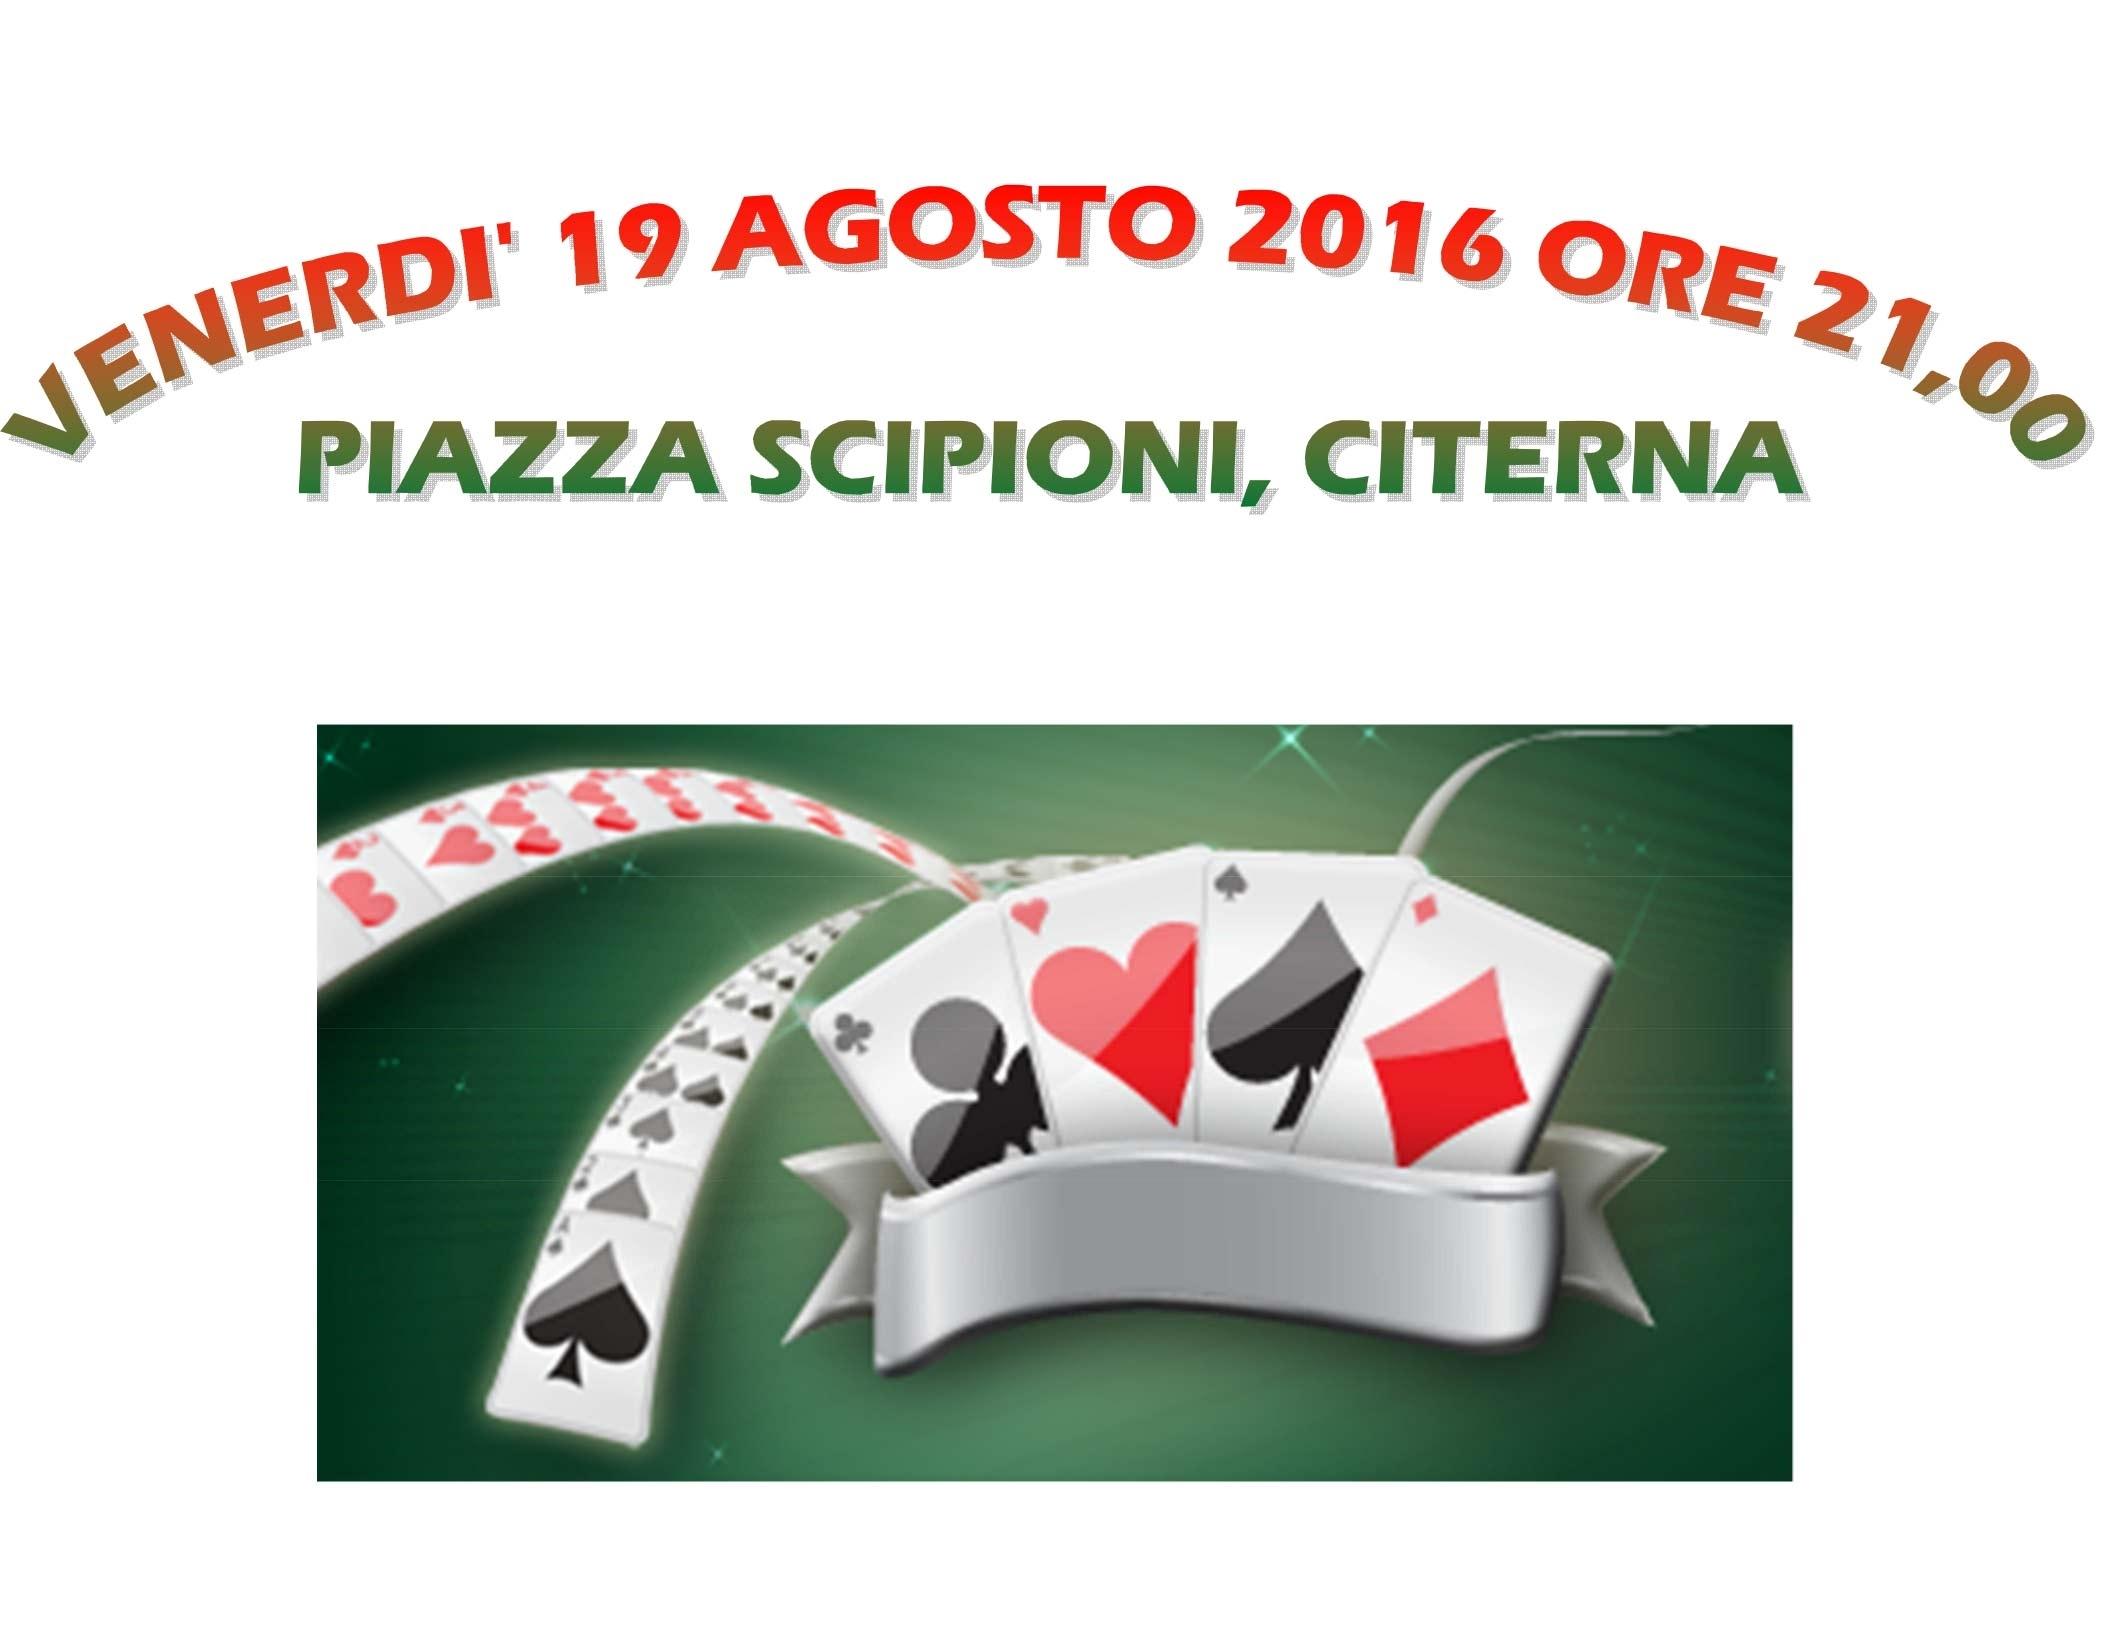 Burraco 2016 titolo - Burraco 2016